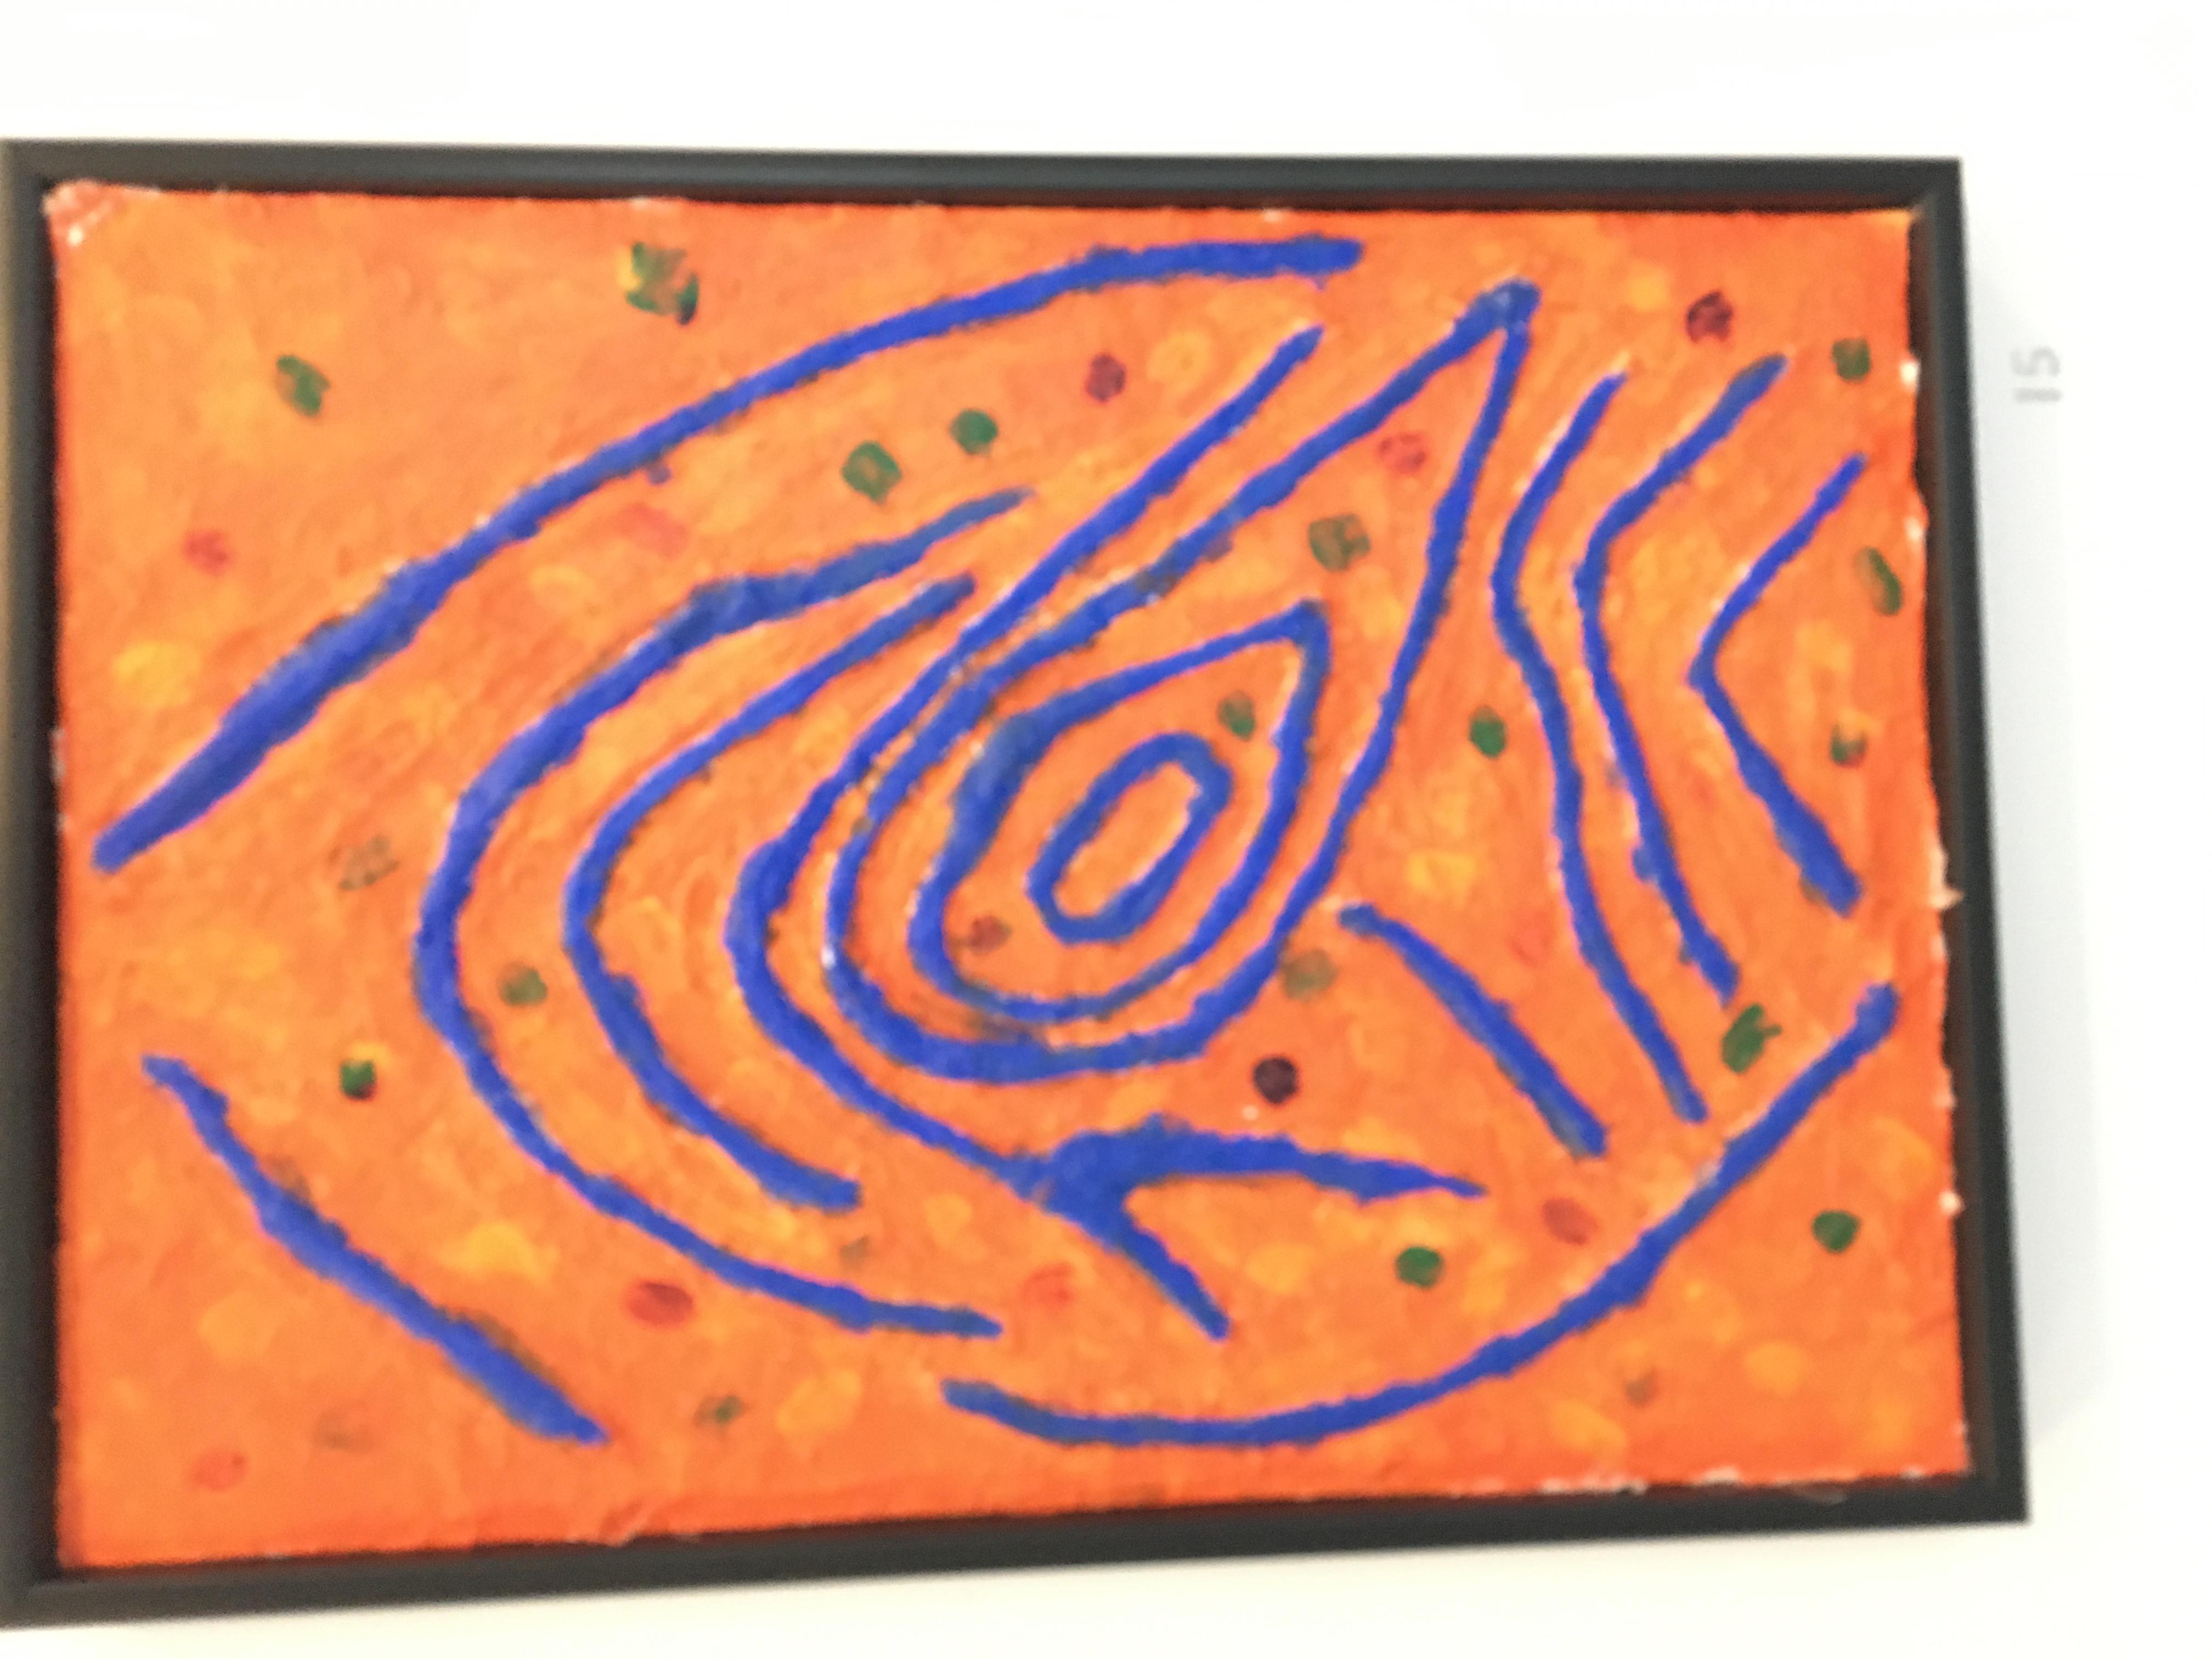 15. Fingerprint, Tom Coomber, 45.5 x 64.5 x 4, £ offers